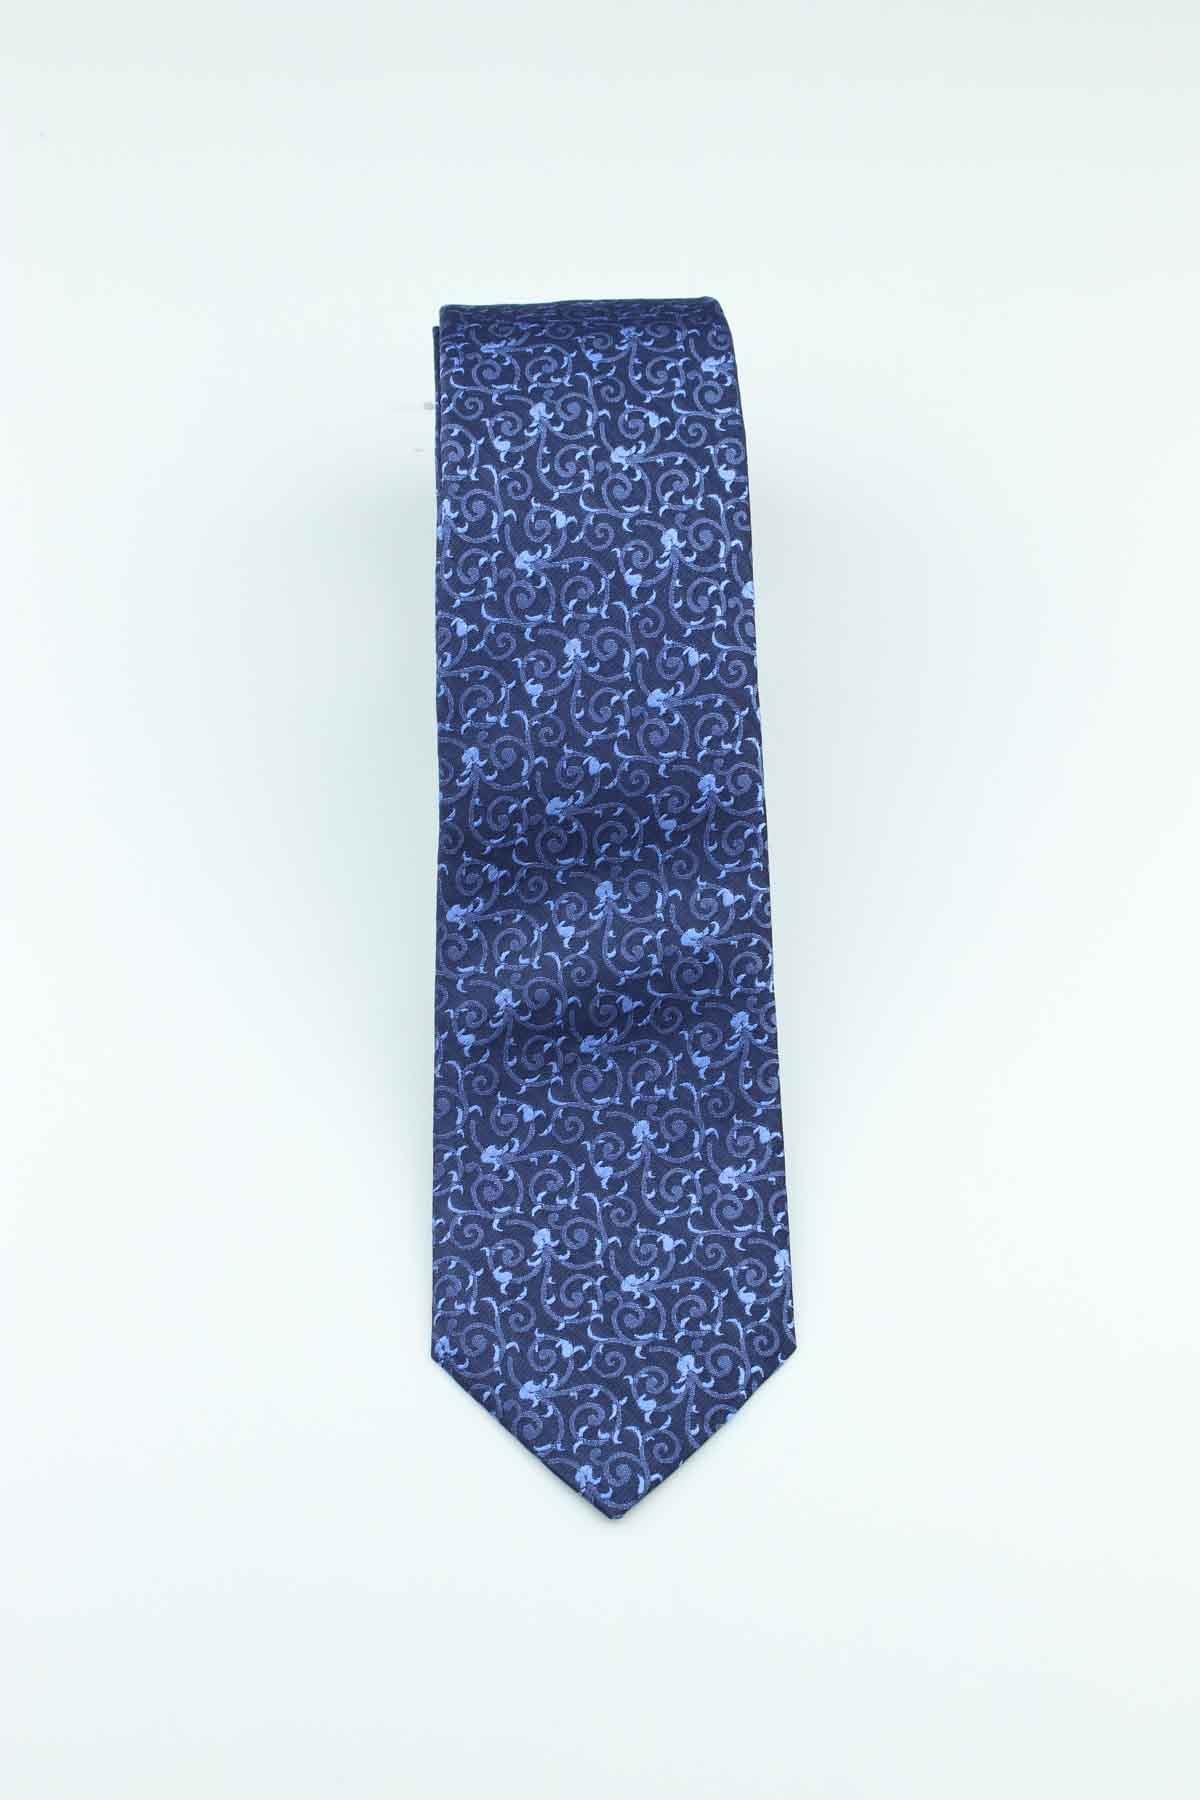 vende stili classici migliore a buon mercato Cravatta 6 cm fantasia fiori pura seta